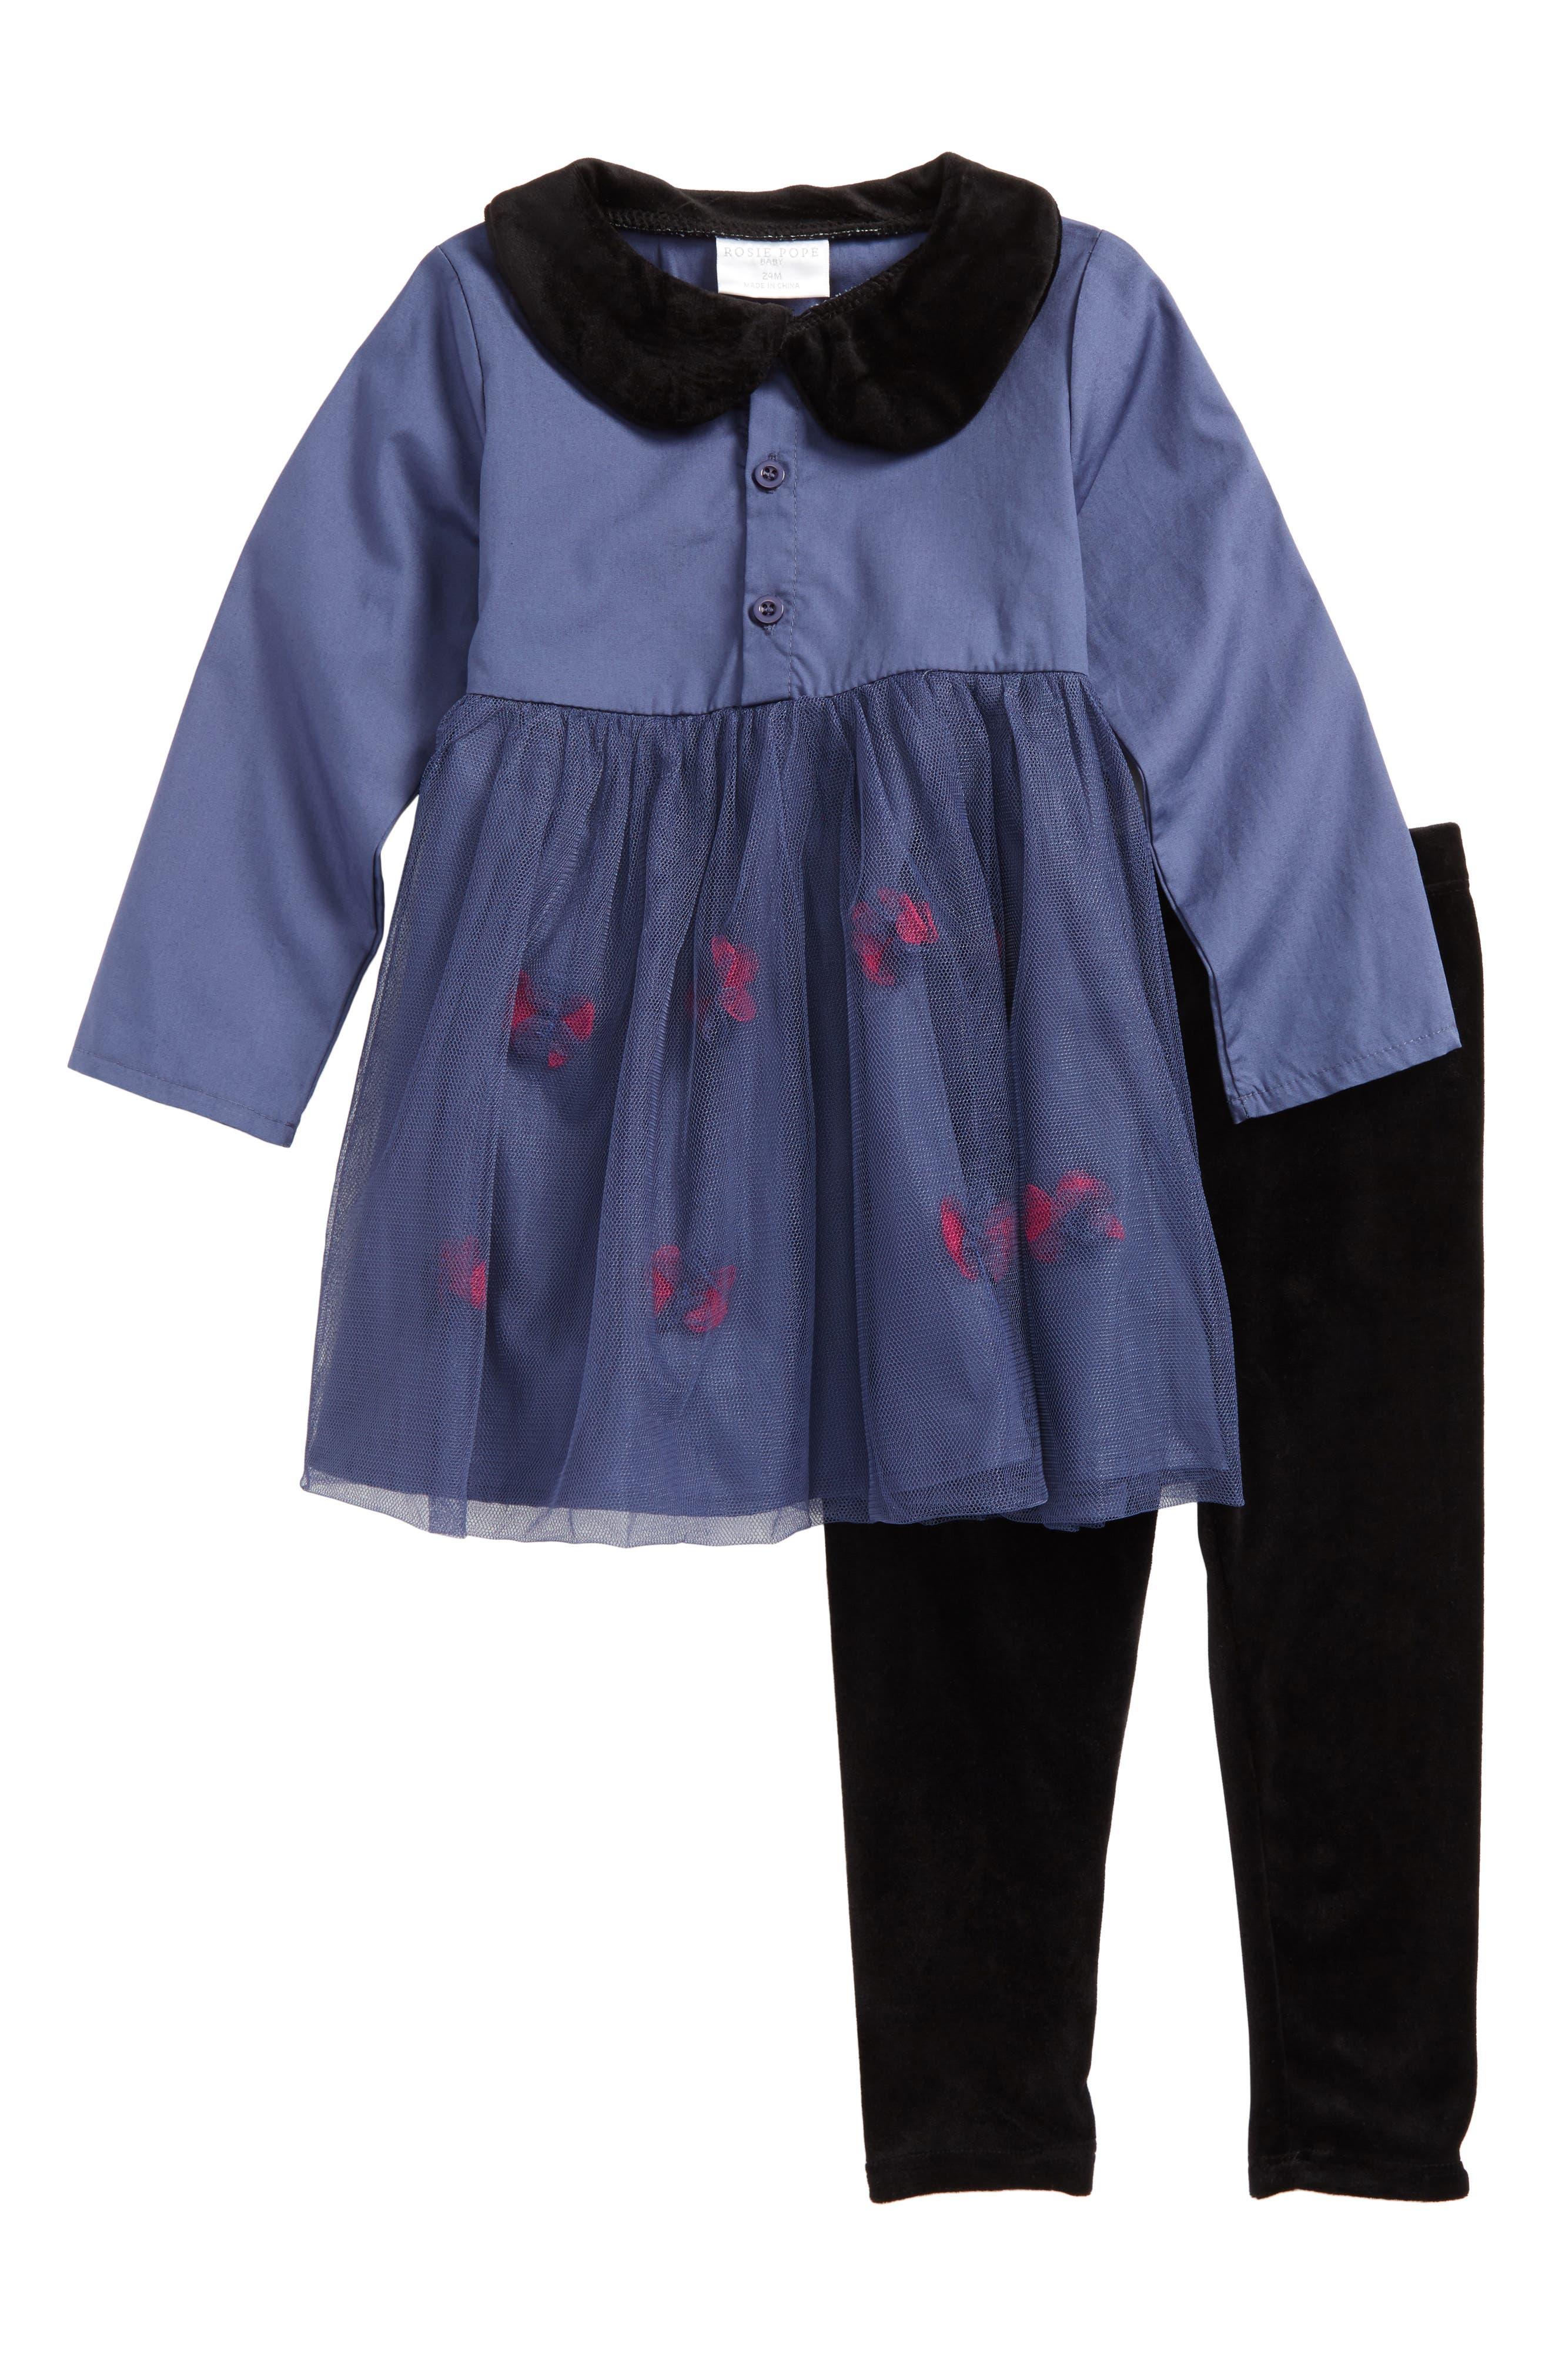 Rosie Pope Velvet Collar Dress & Leggings Set (Baby Girls)